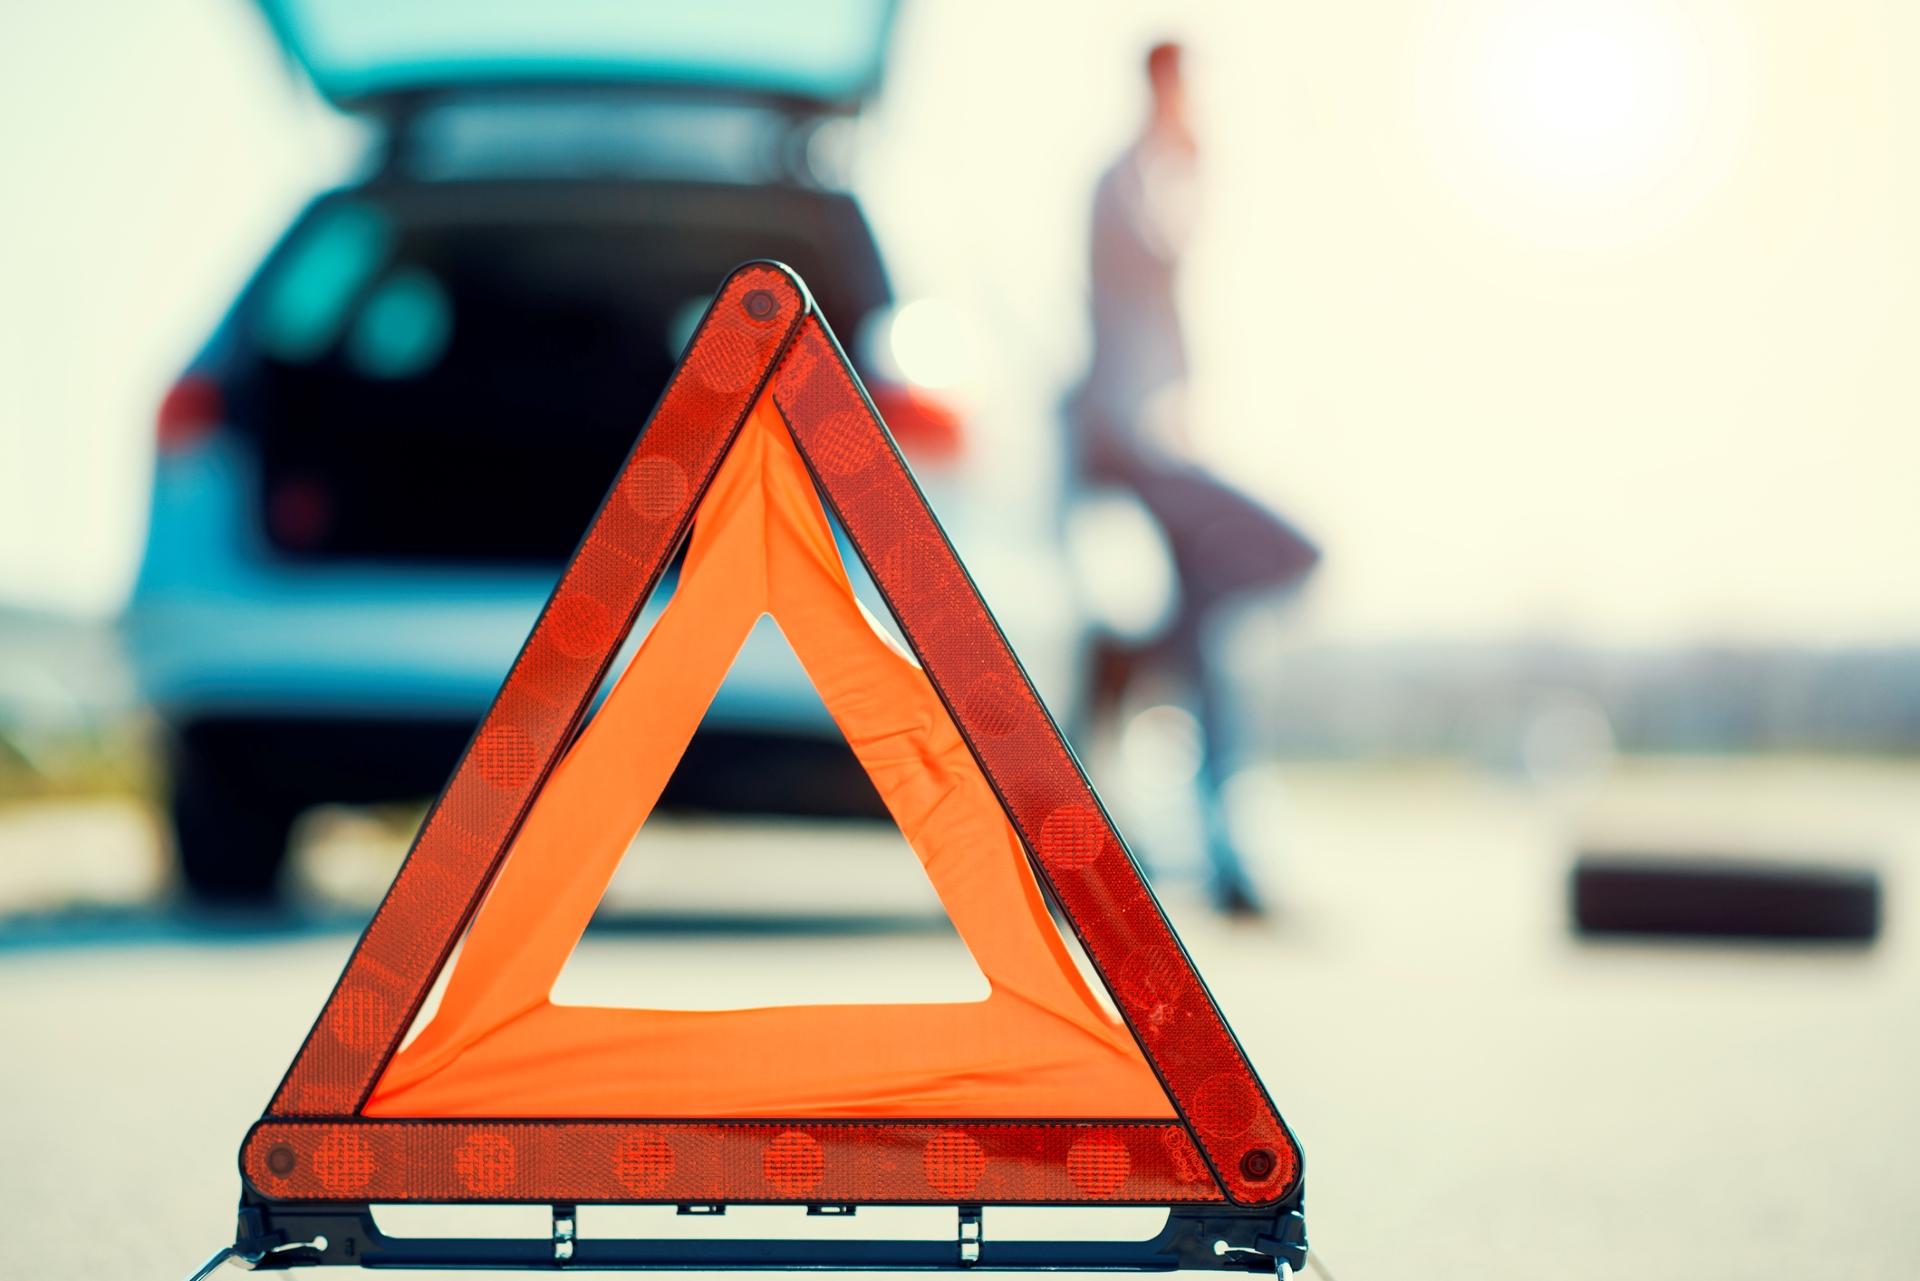 Triángulo de emergencia colocado tras un automóvil